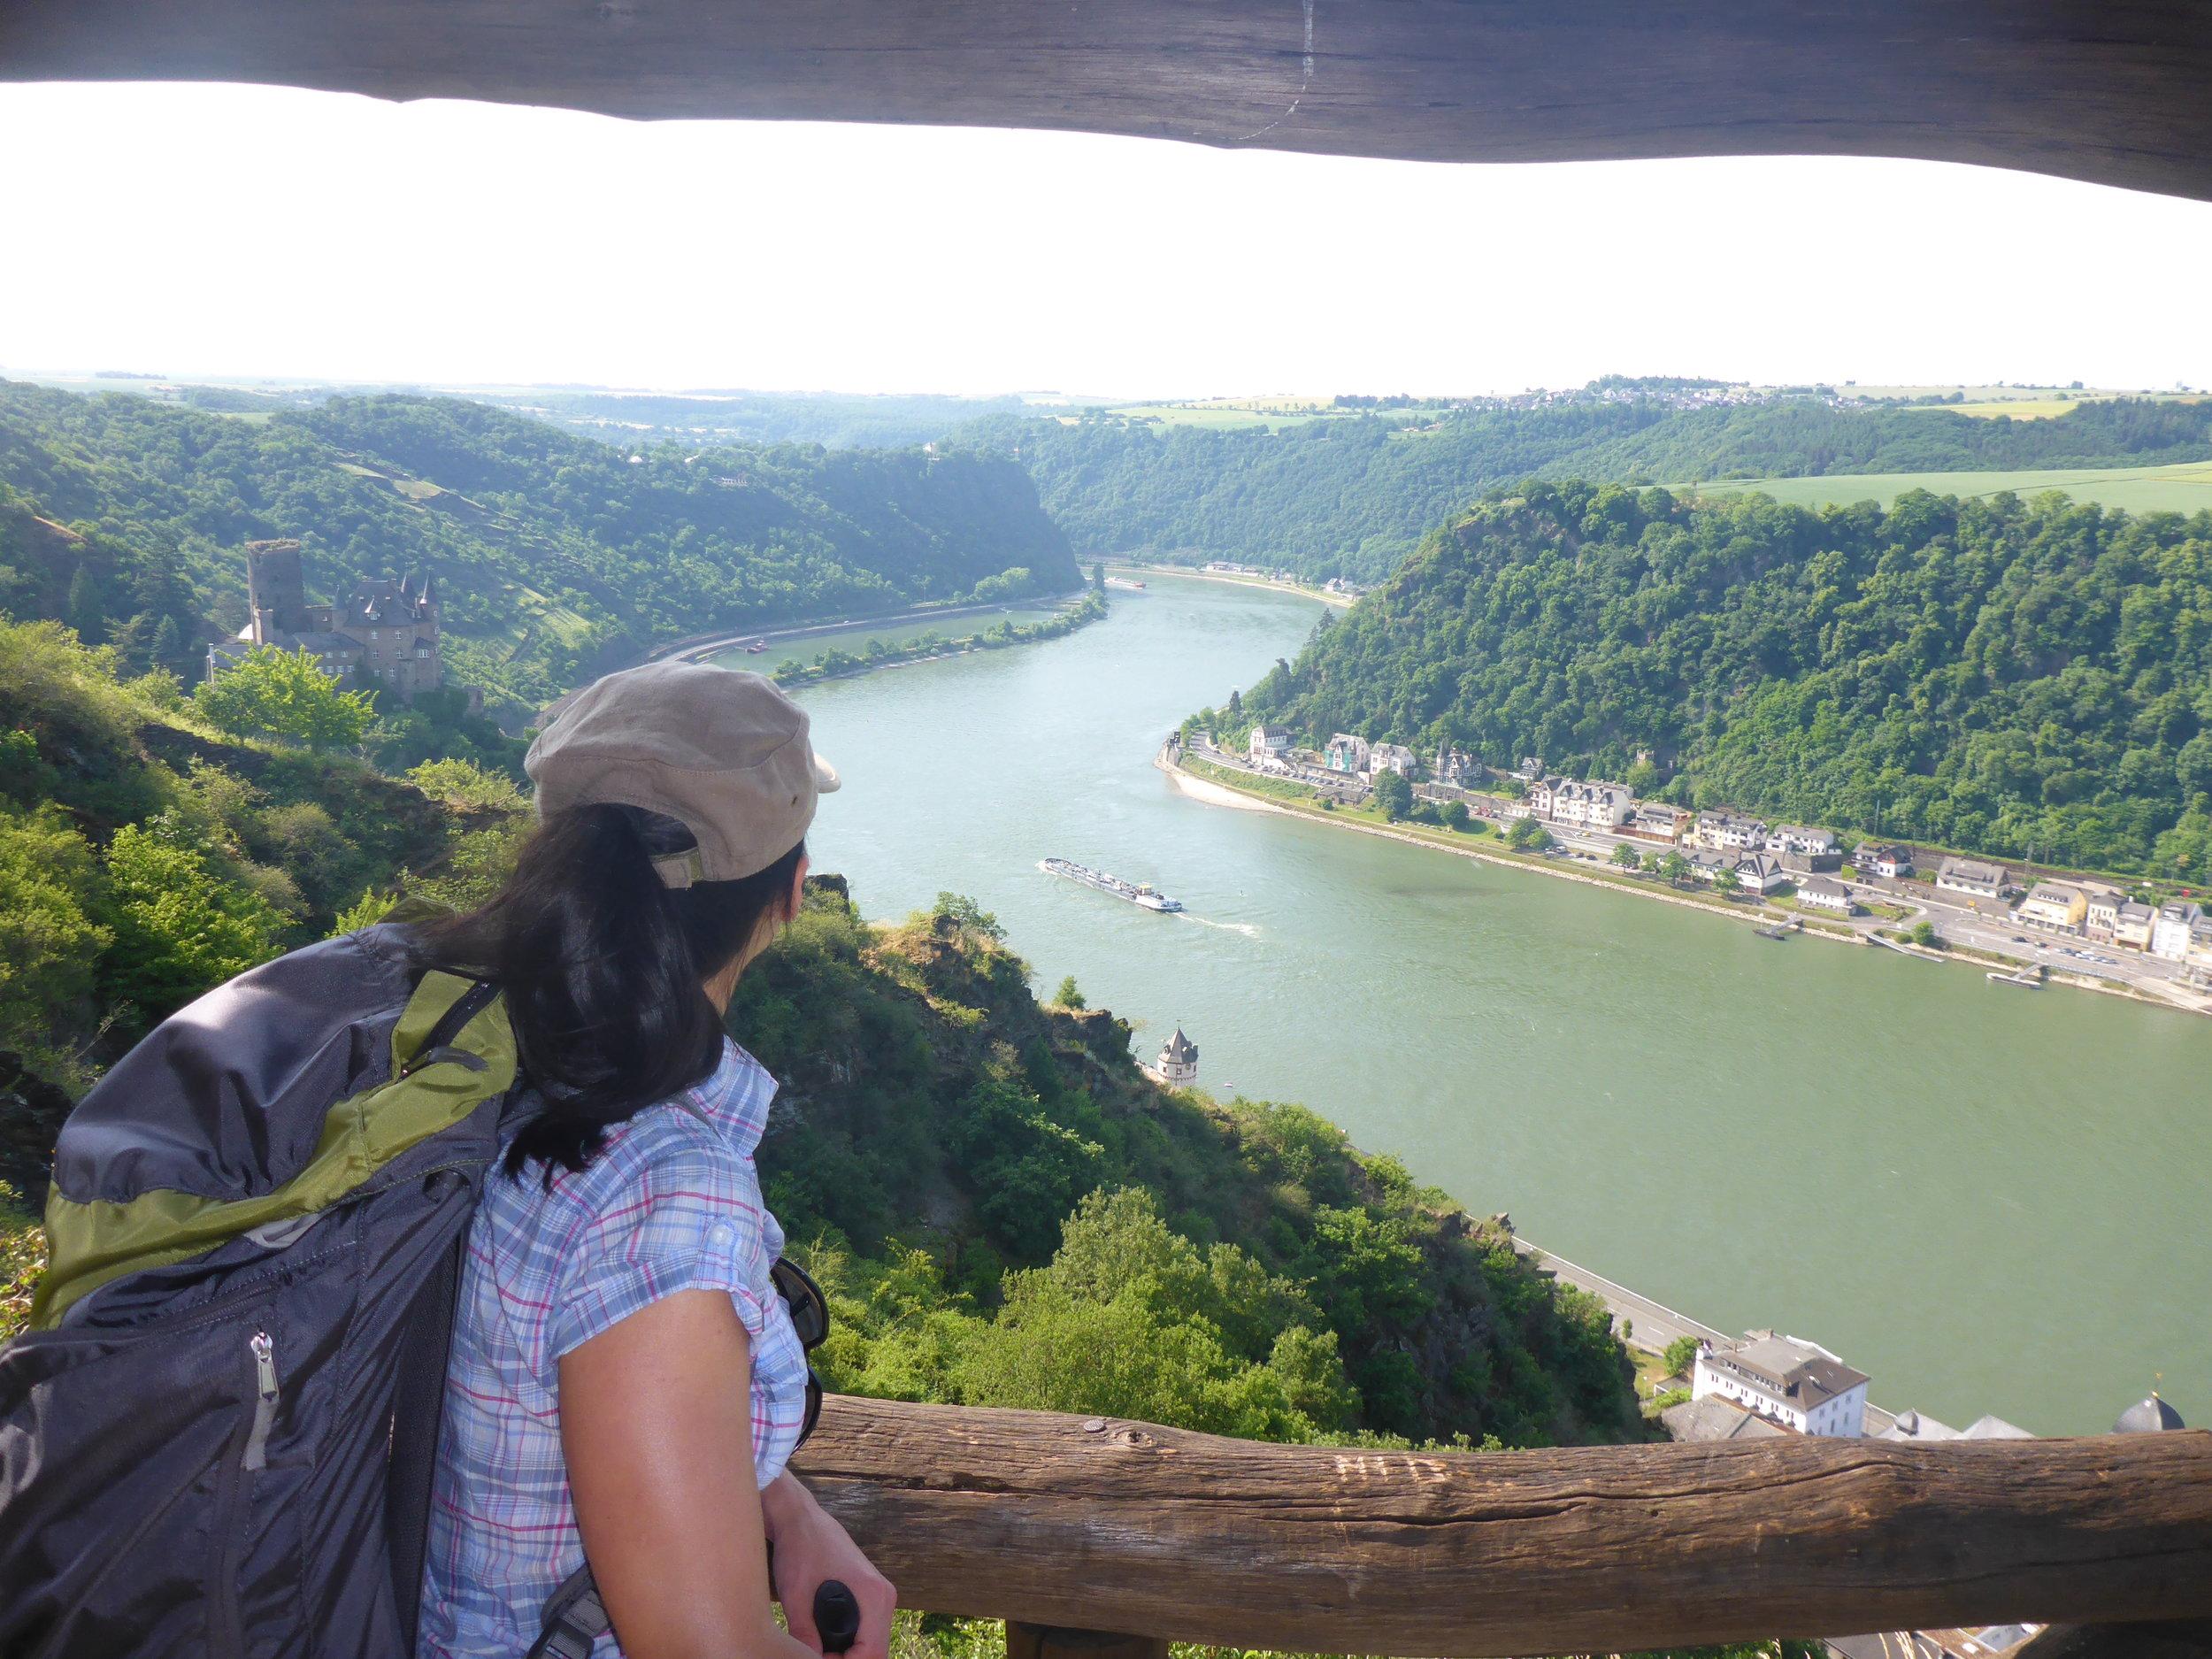 Rheinsteig_Rheinblick_Burg Katz_Wanderer_1.JPG